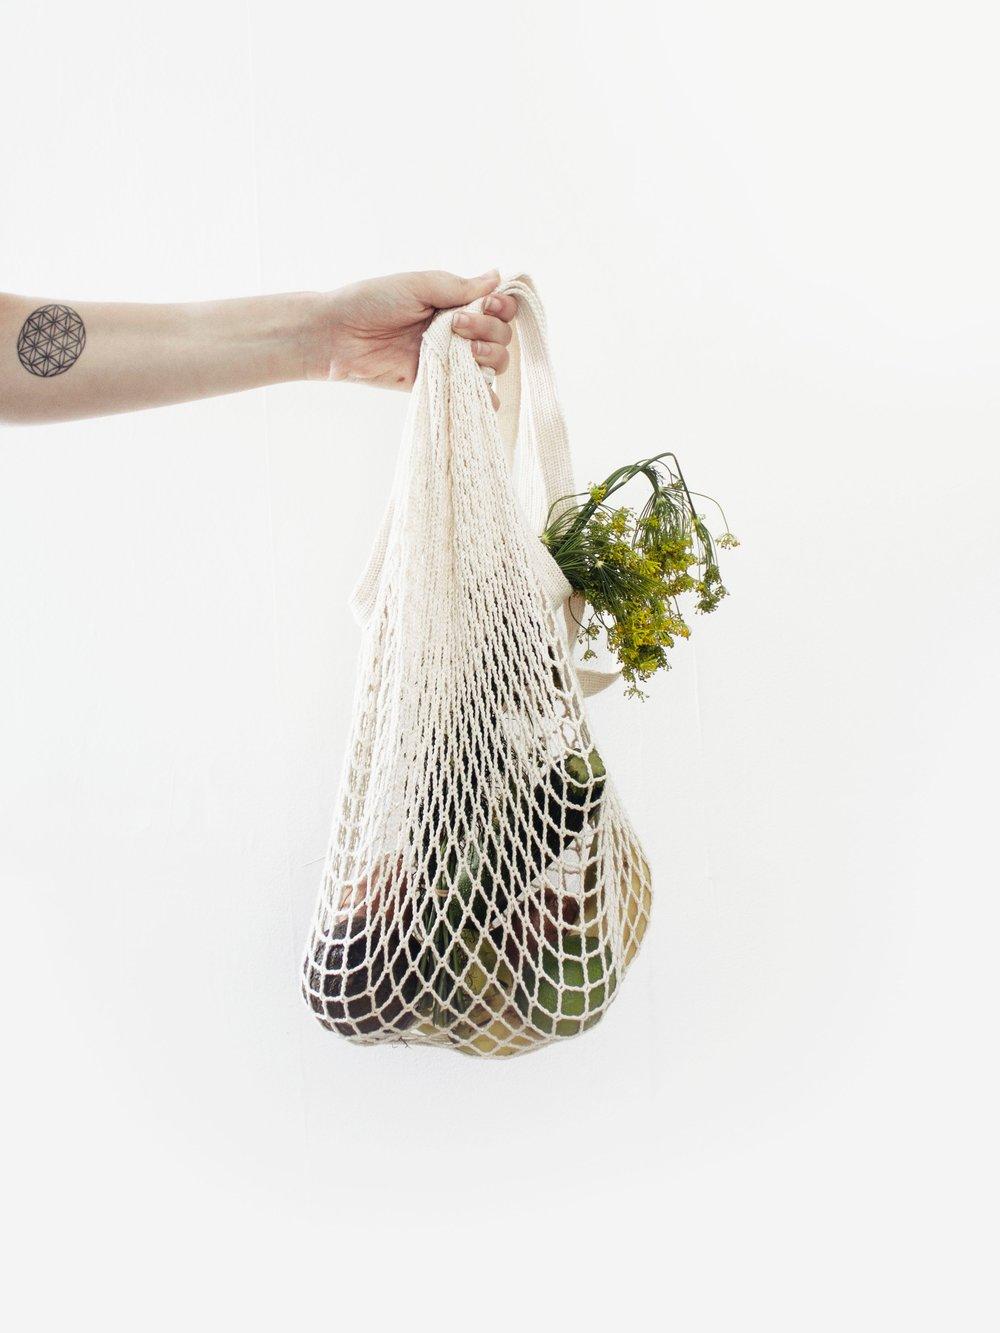 reuseable-grocery-bag-image.jpg